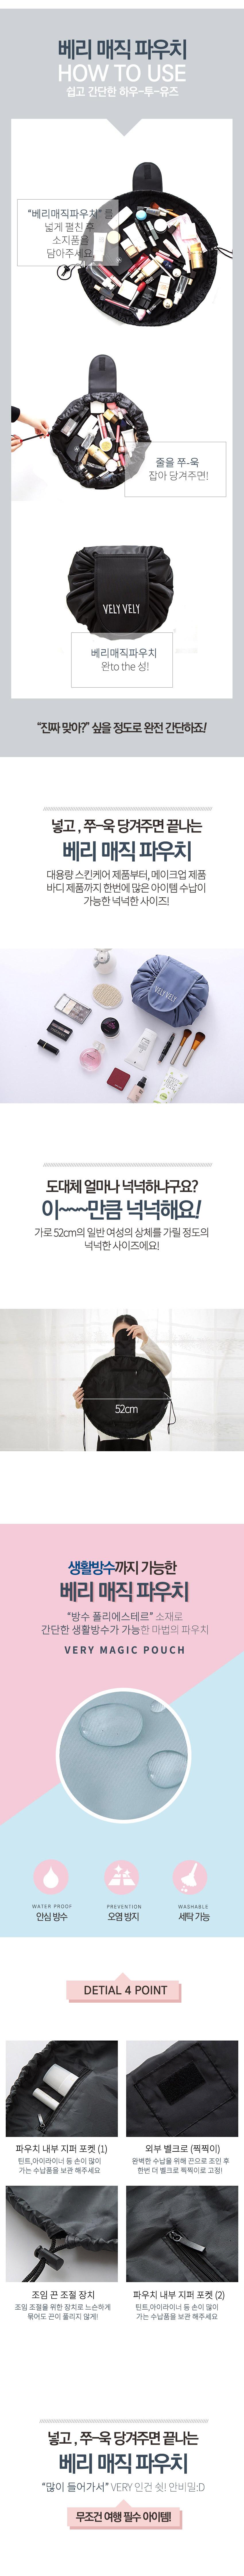 대용량 수납 파우치 여행용 화장품 가방 트레블백 - 엔젤리빙, 10,000원, 하드형, 중형(24형) 이하